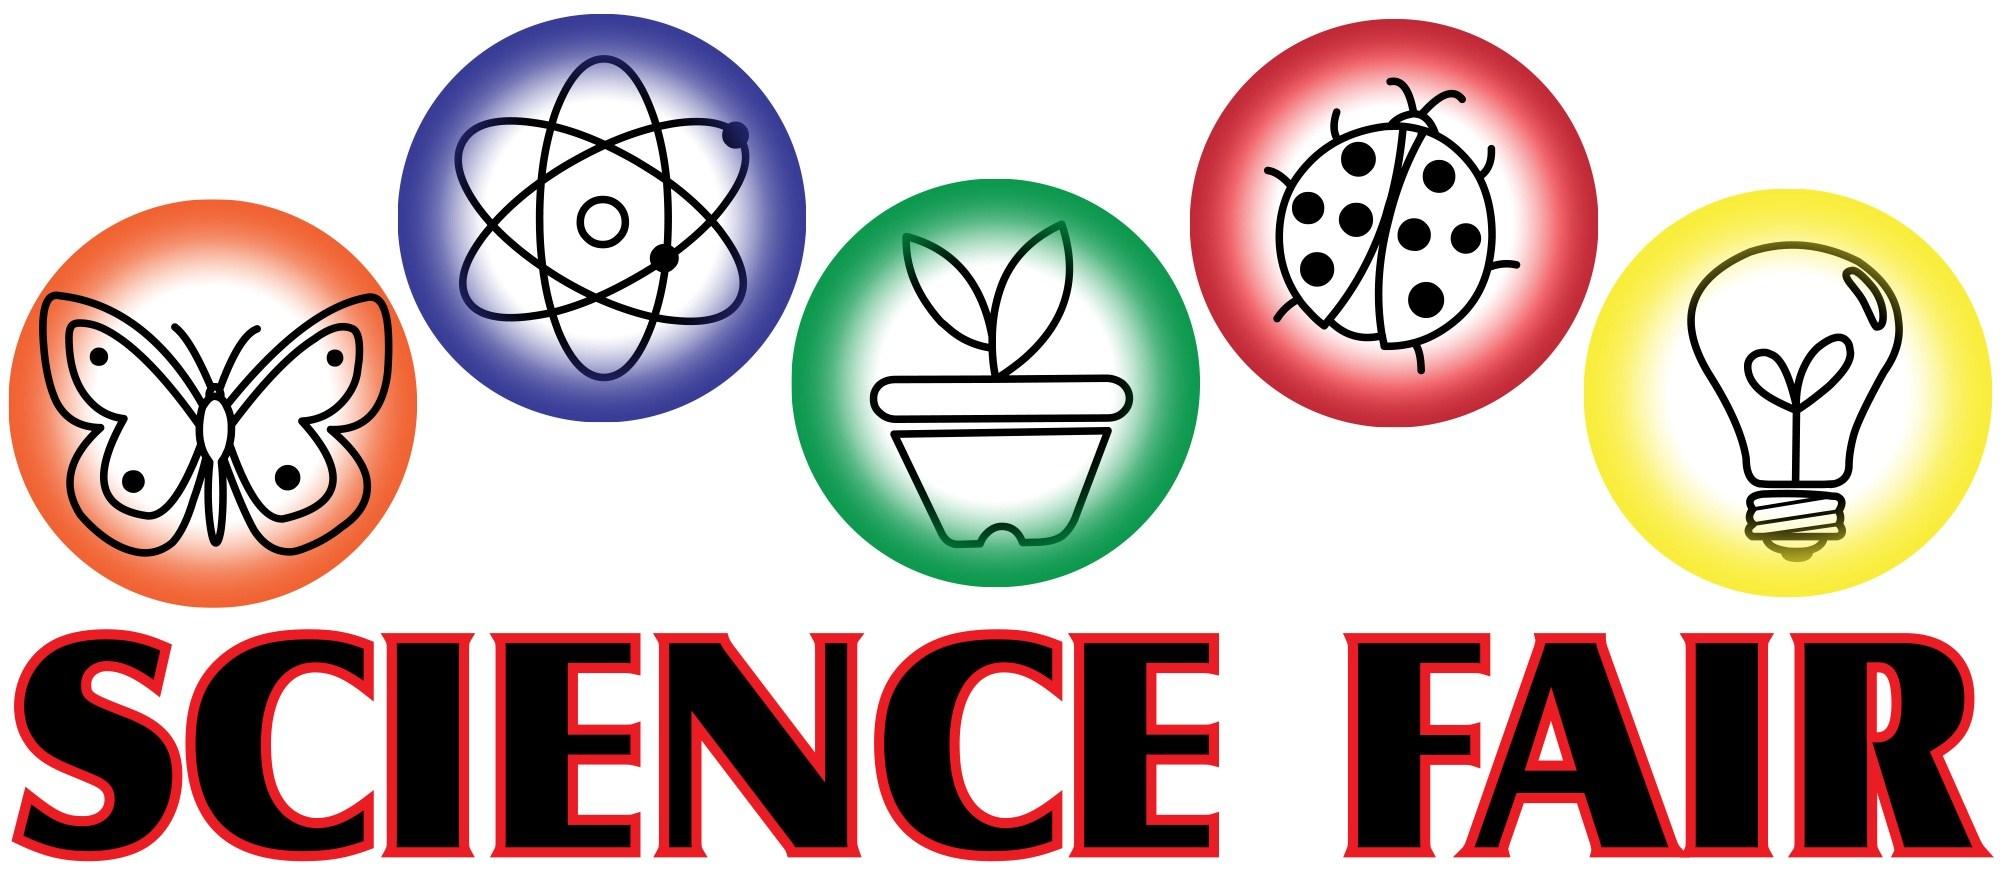 Exhibition png pin . Fair clipart science fair